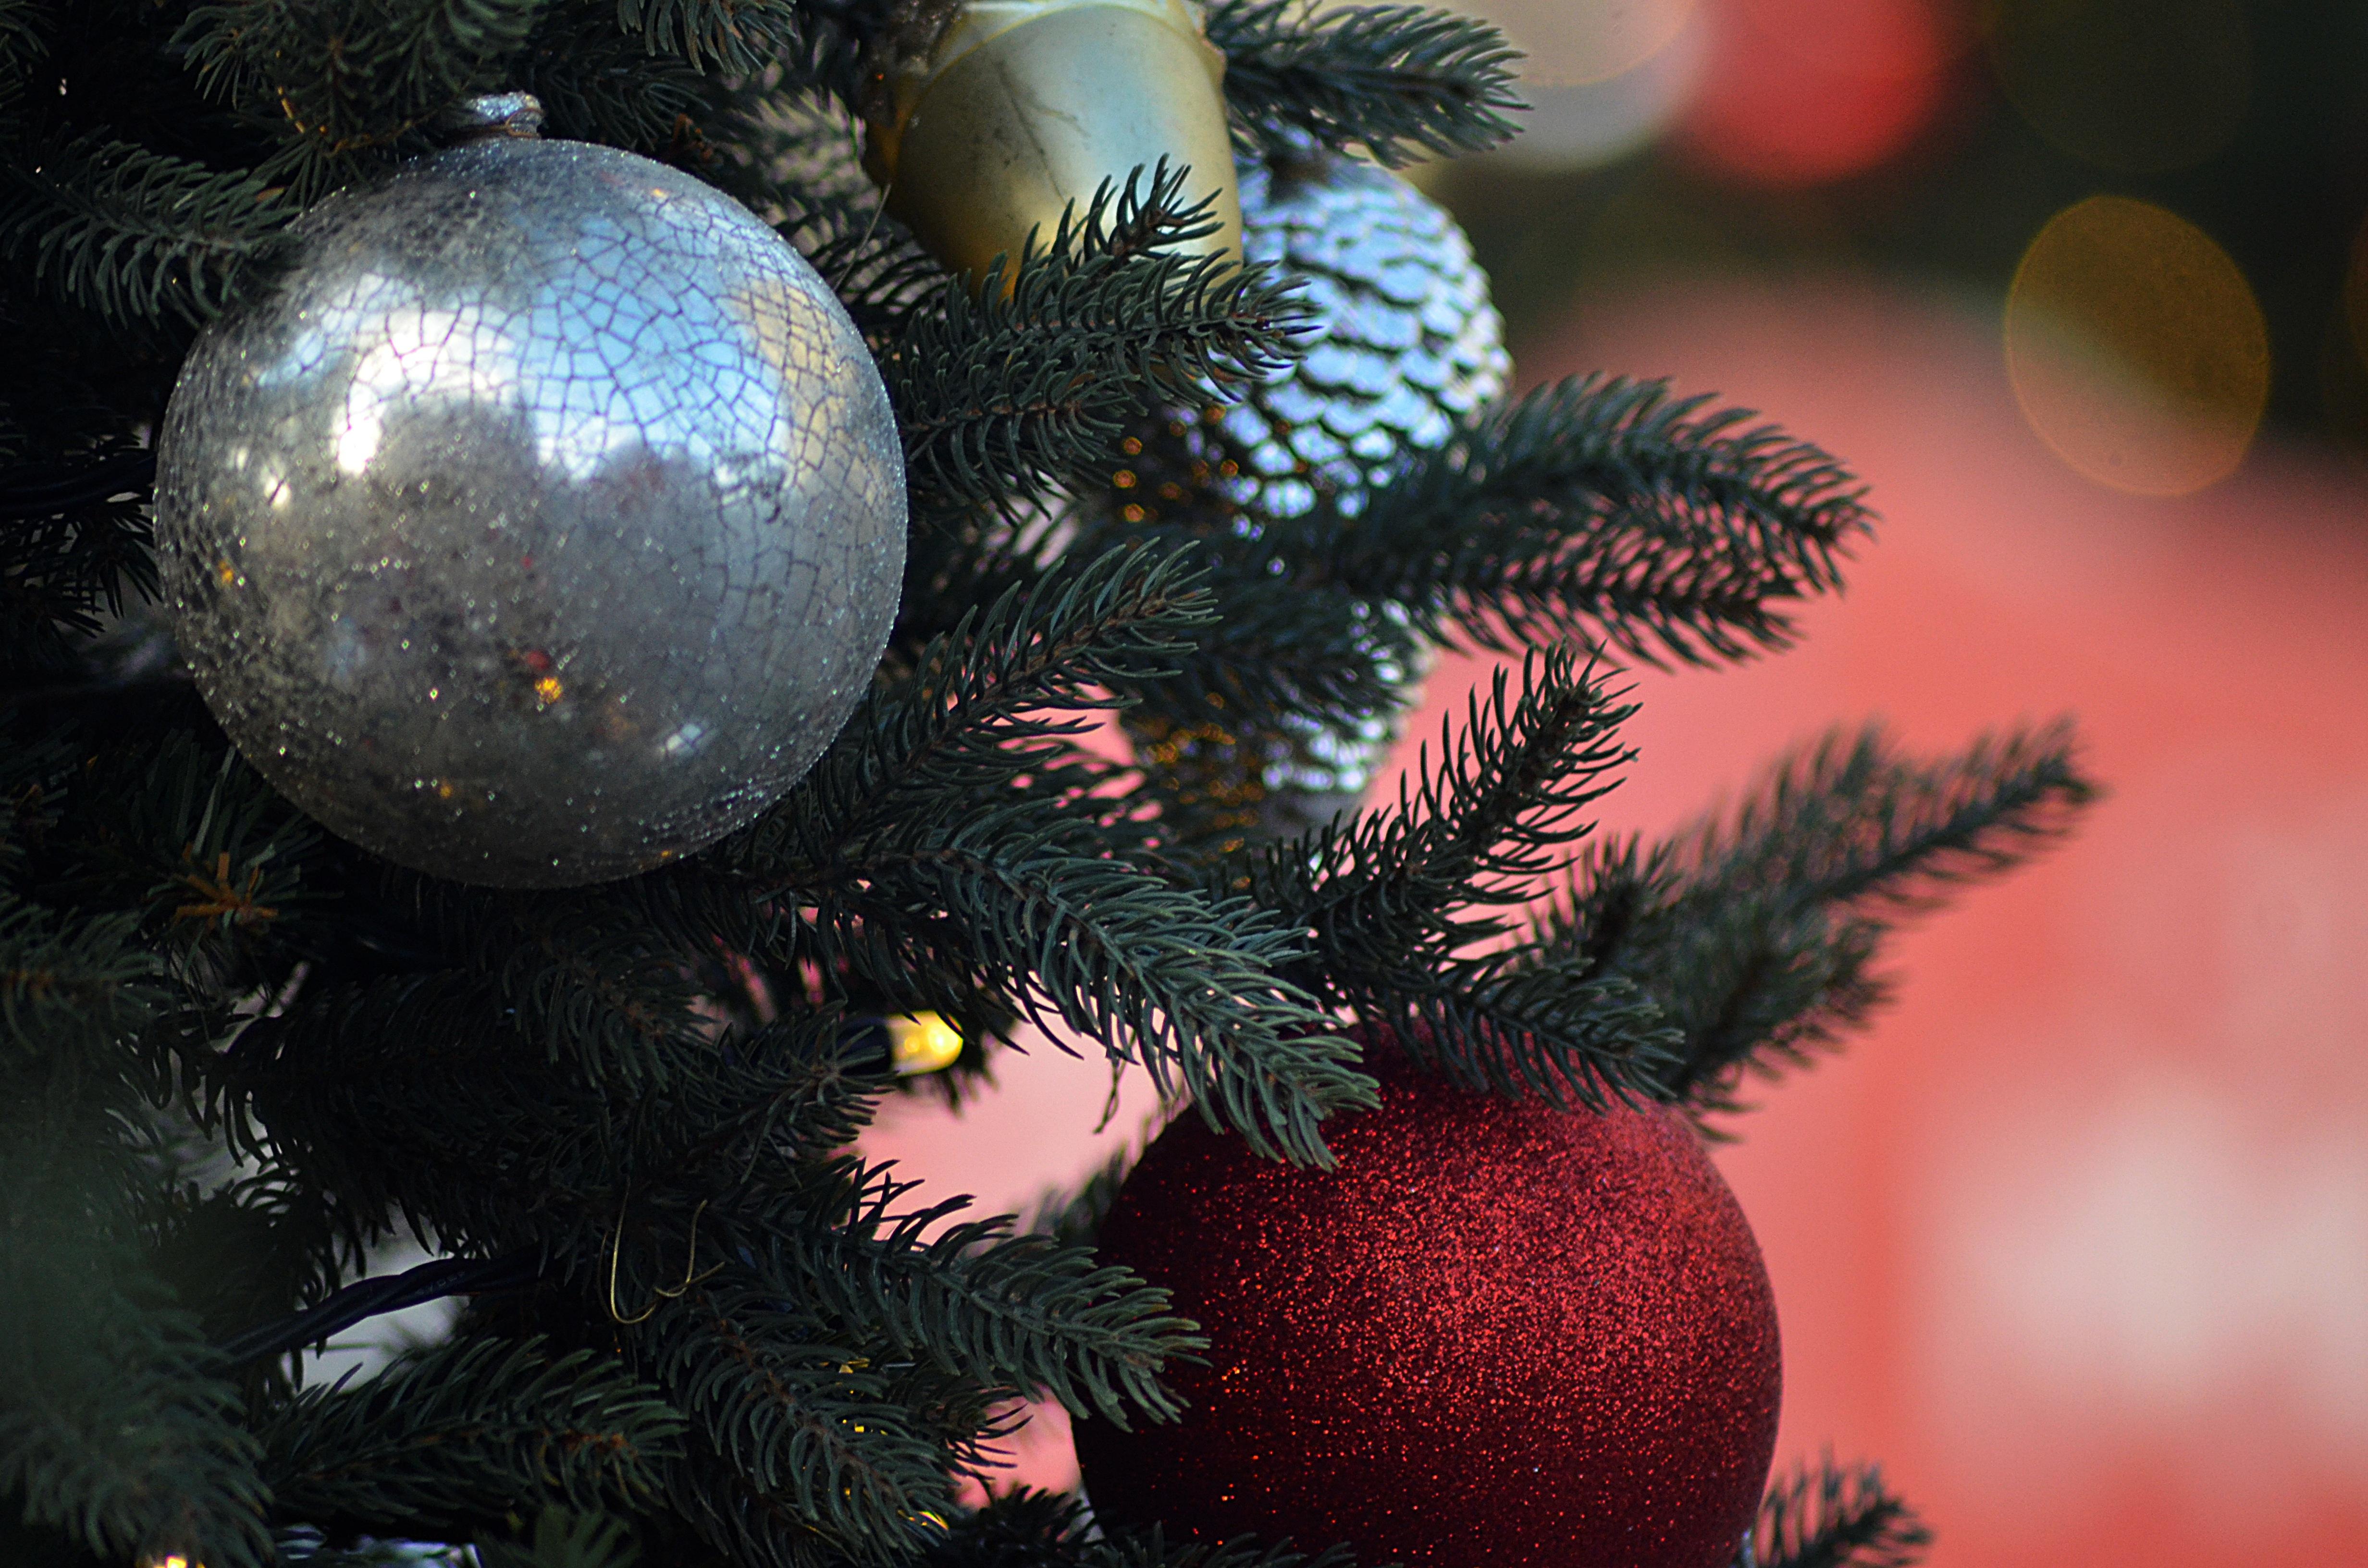 Приключения Айболита в новогоднюю ночь показали в доме культуры Краснопахорского